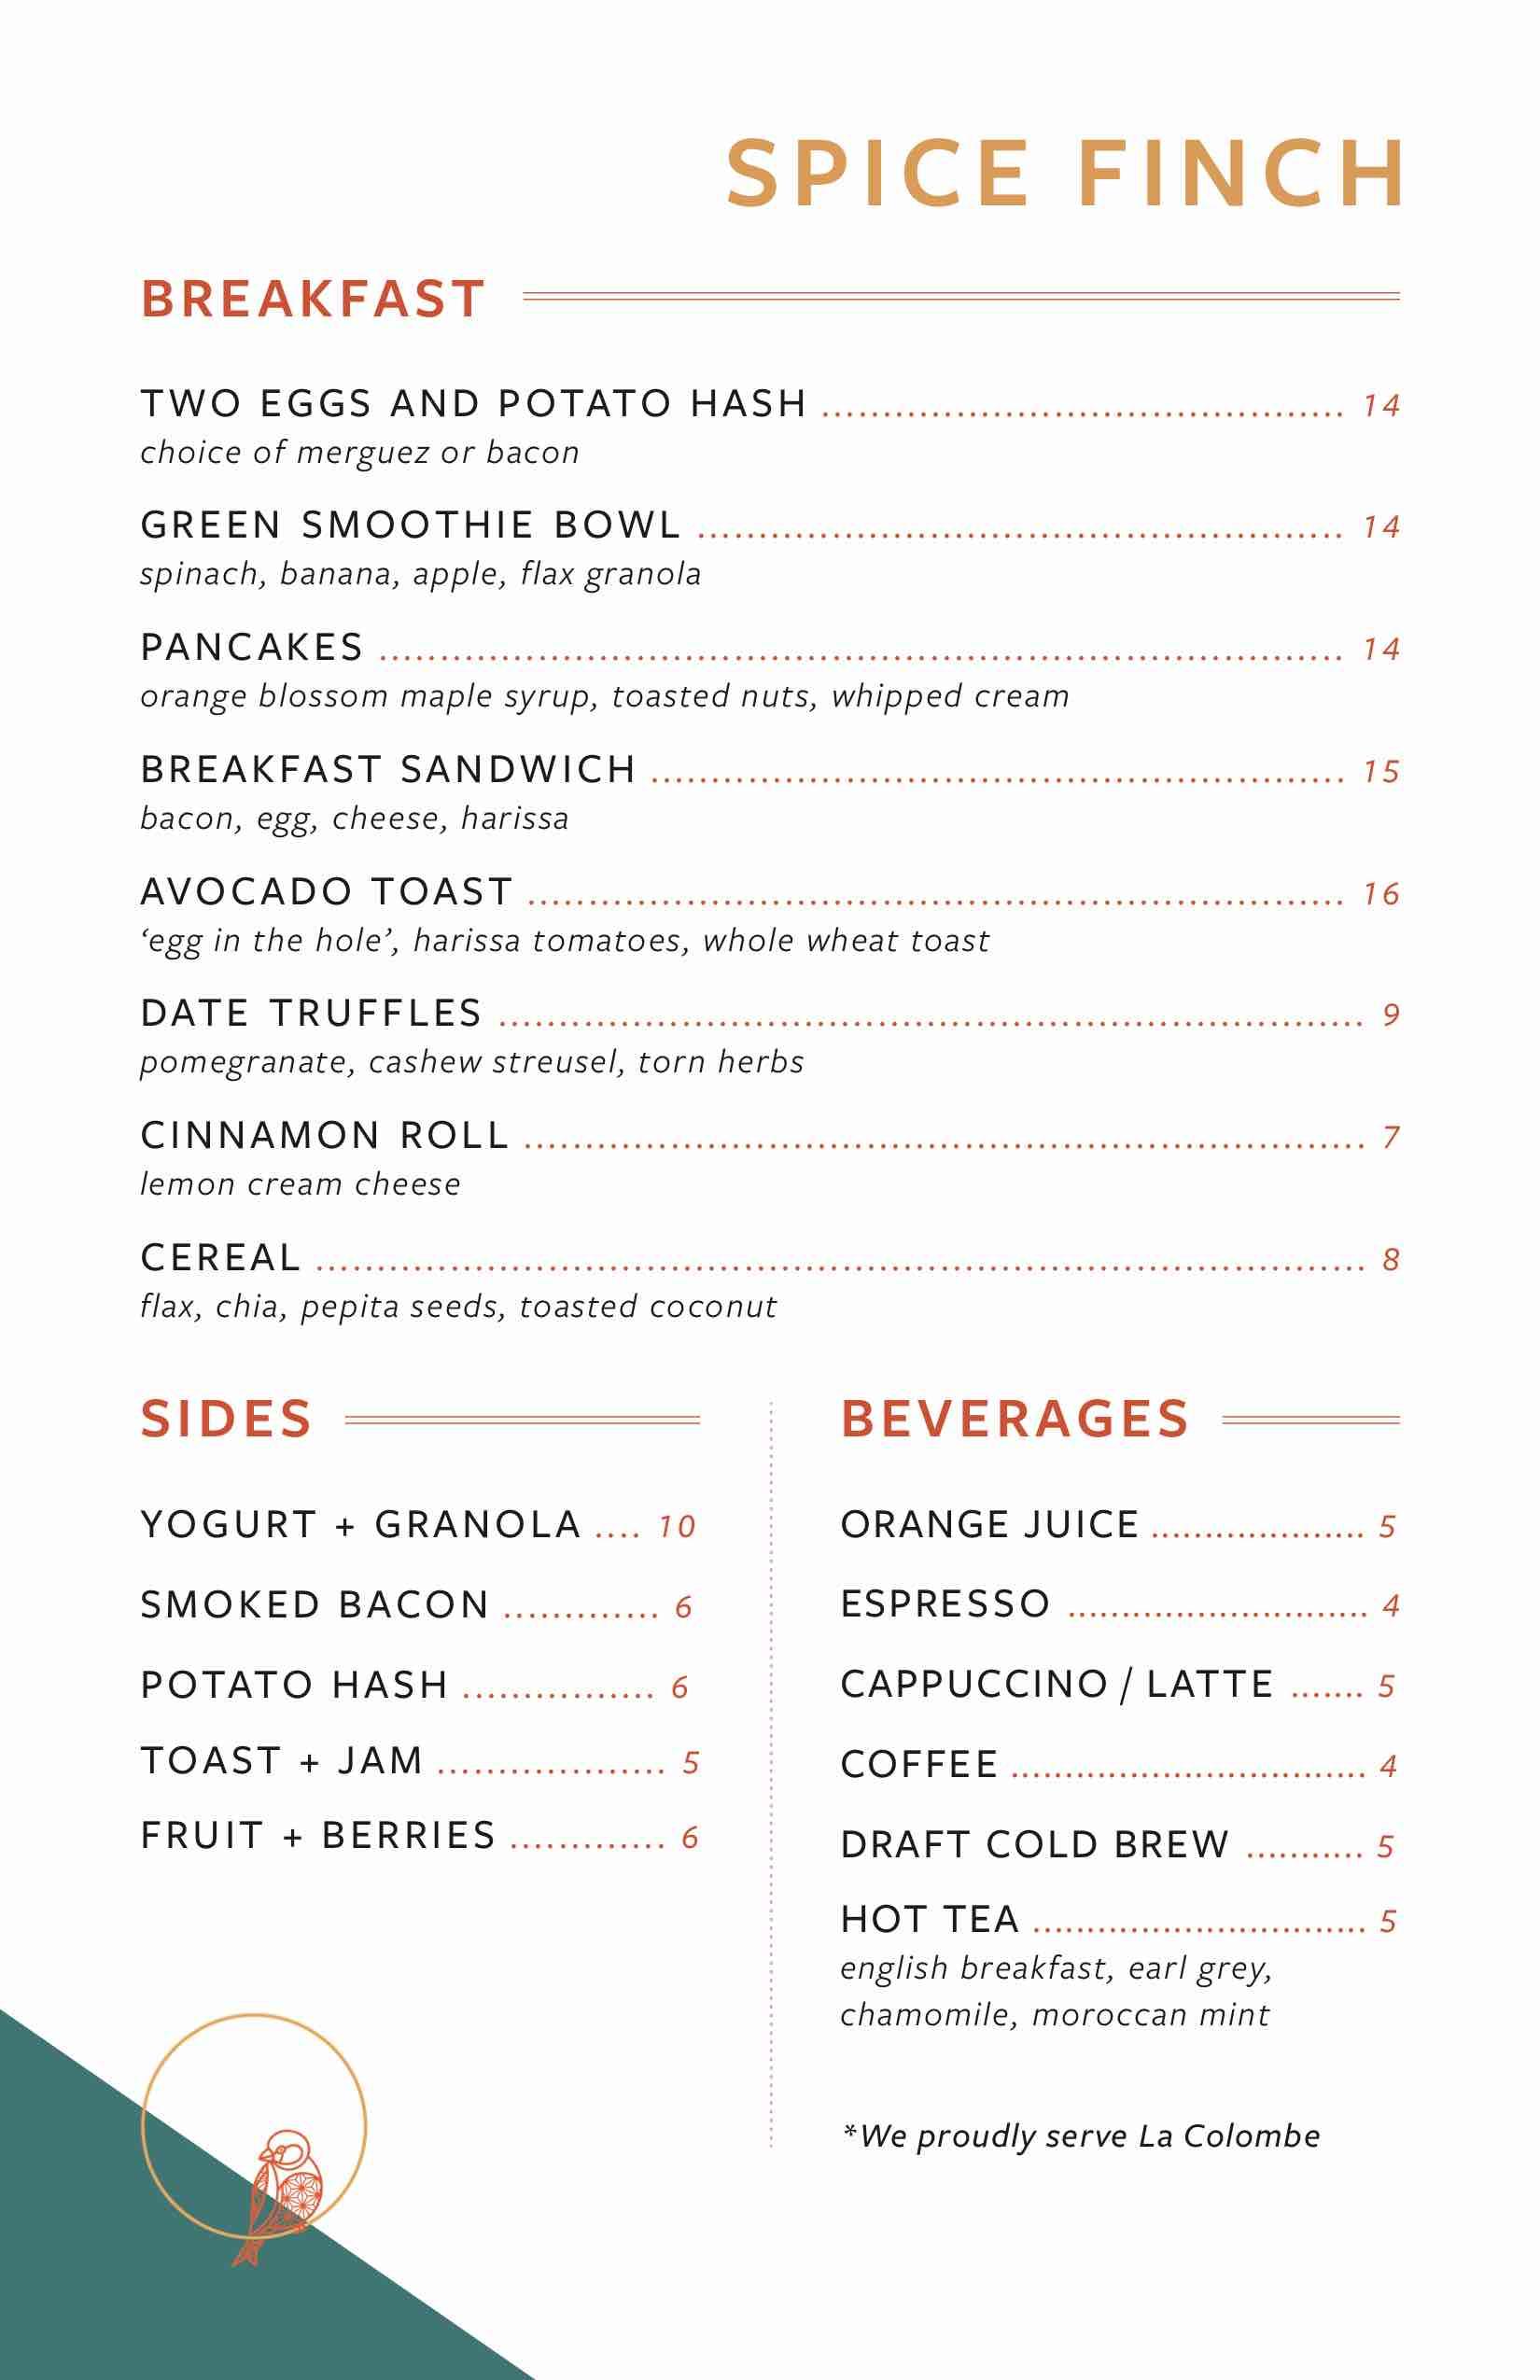 spice finch breakfast menu